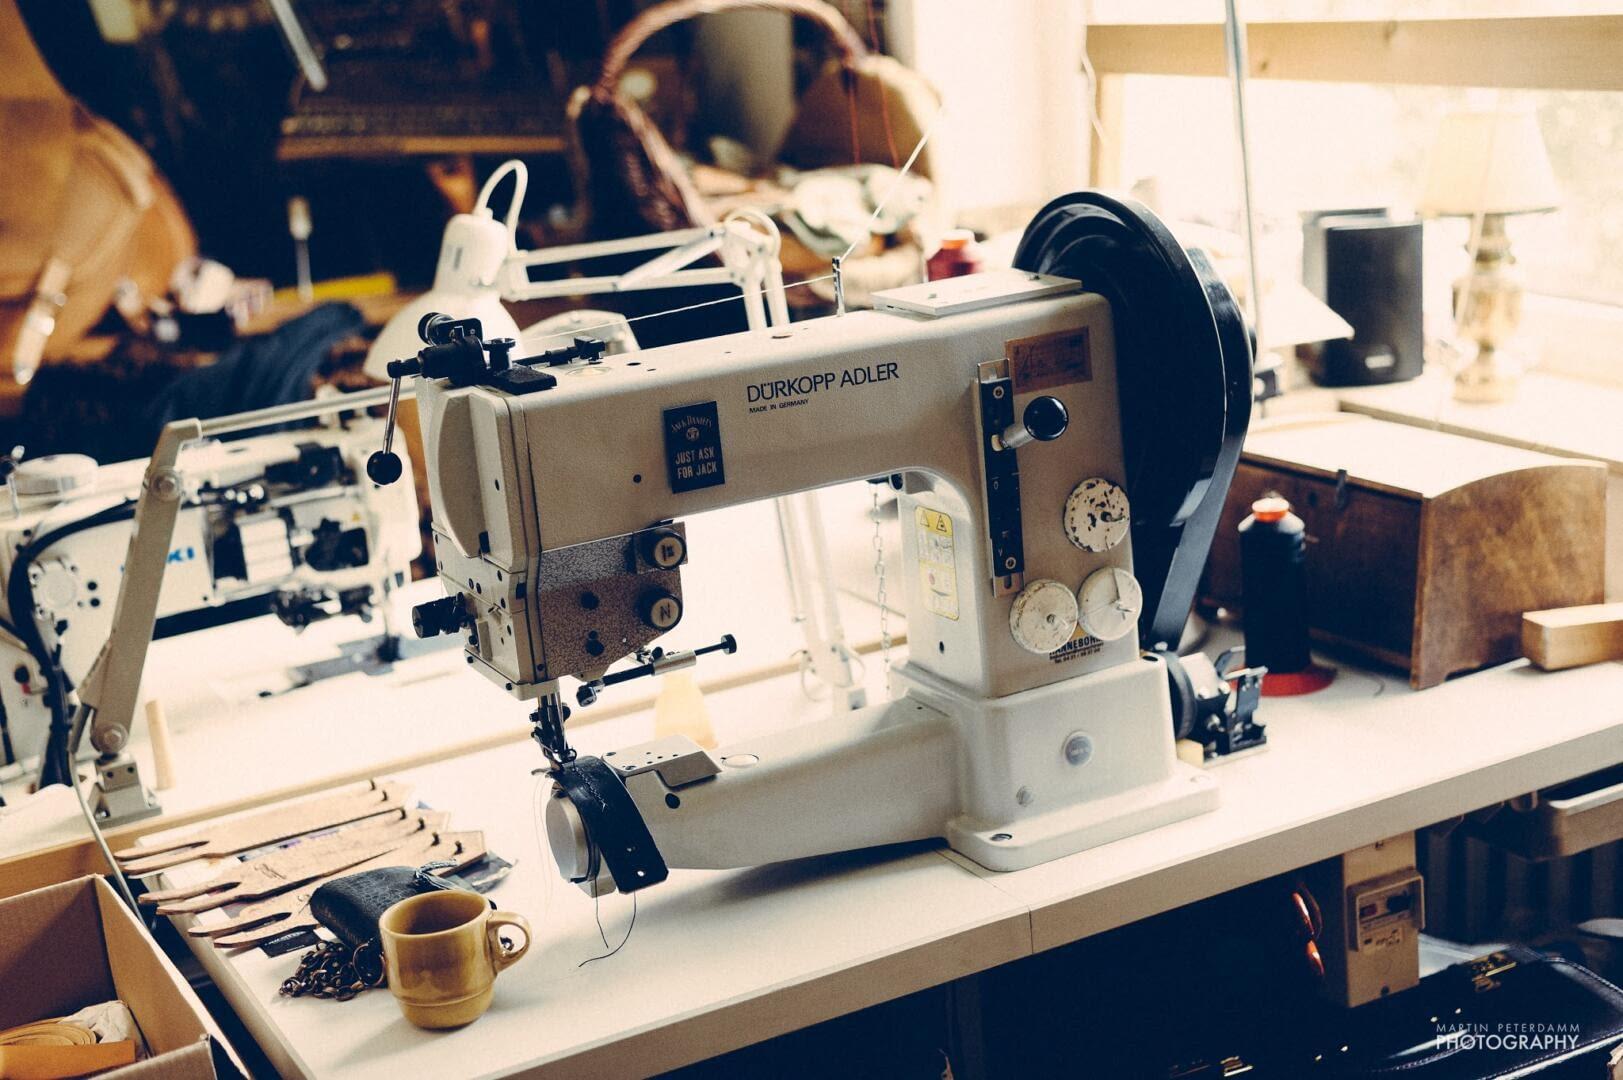 Leder Manufaktur in Bremen DSC 2816 2011